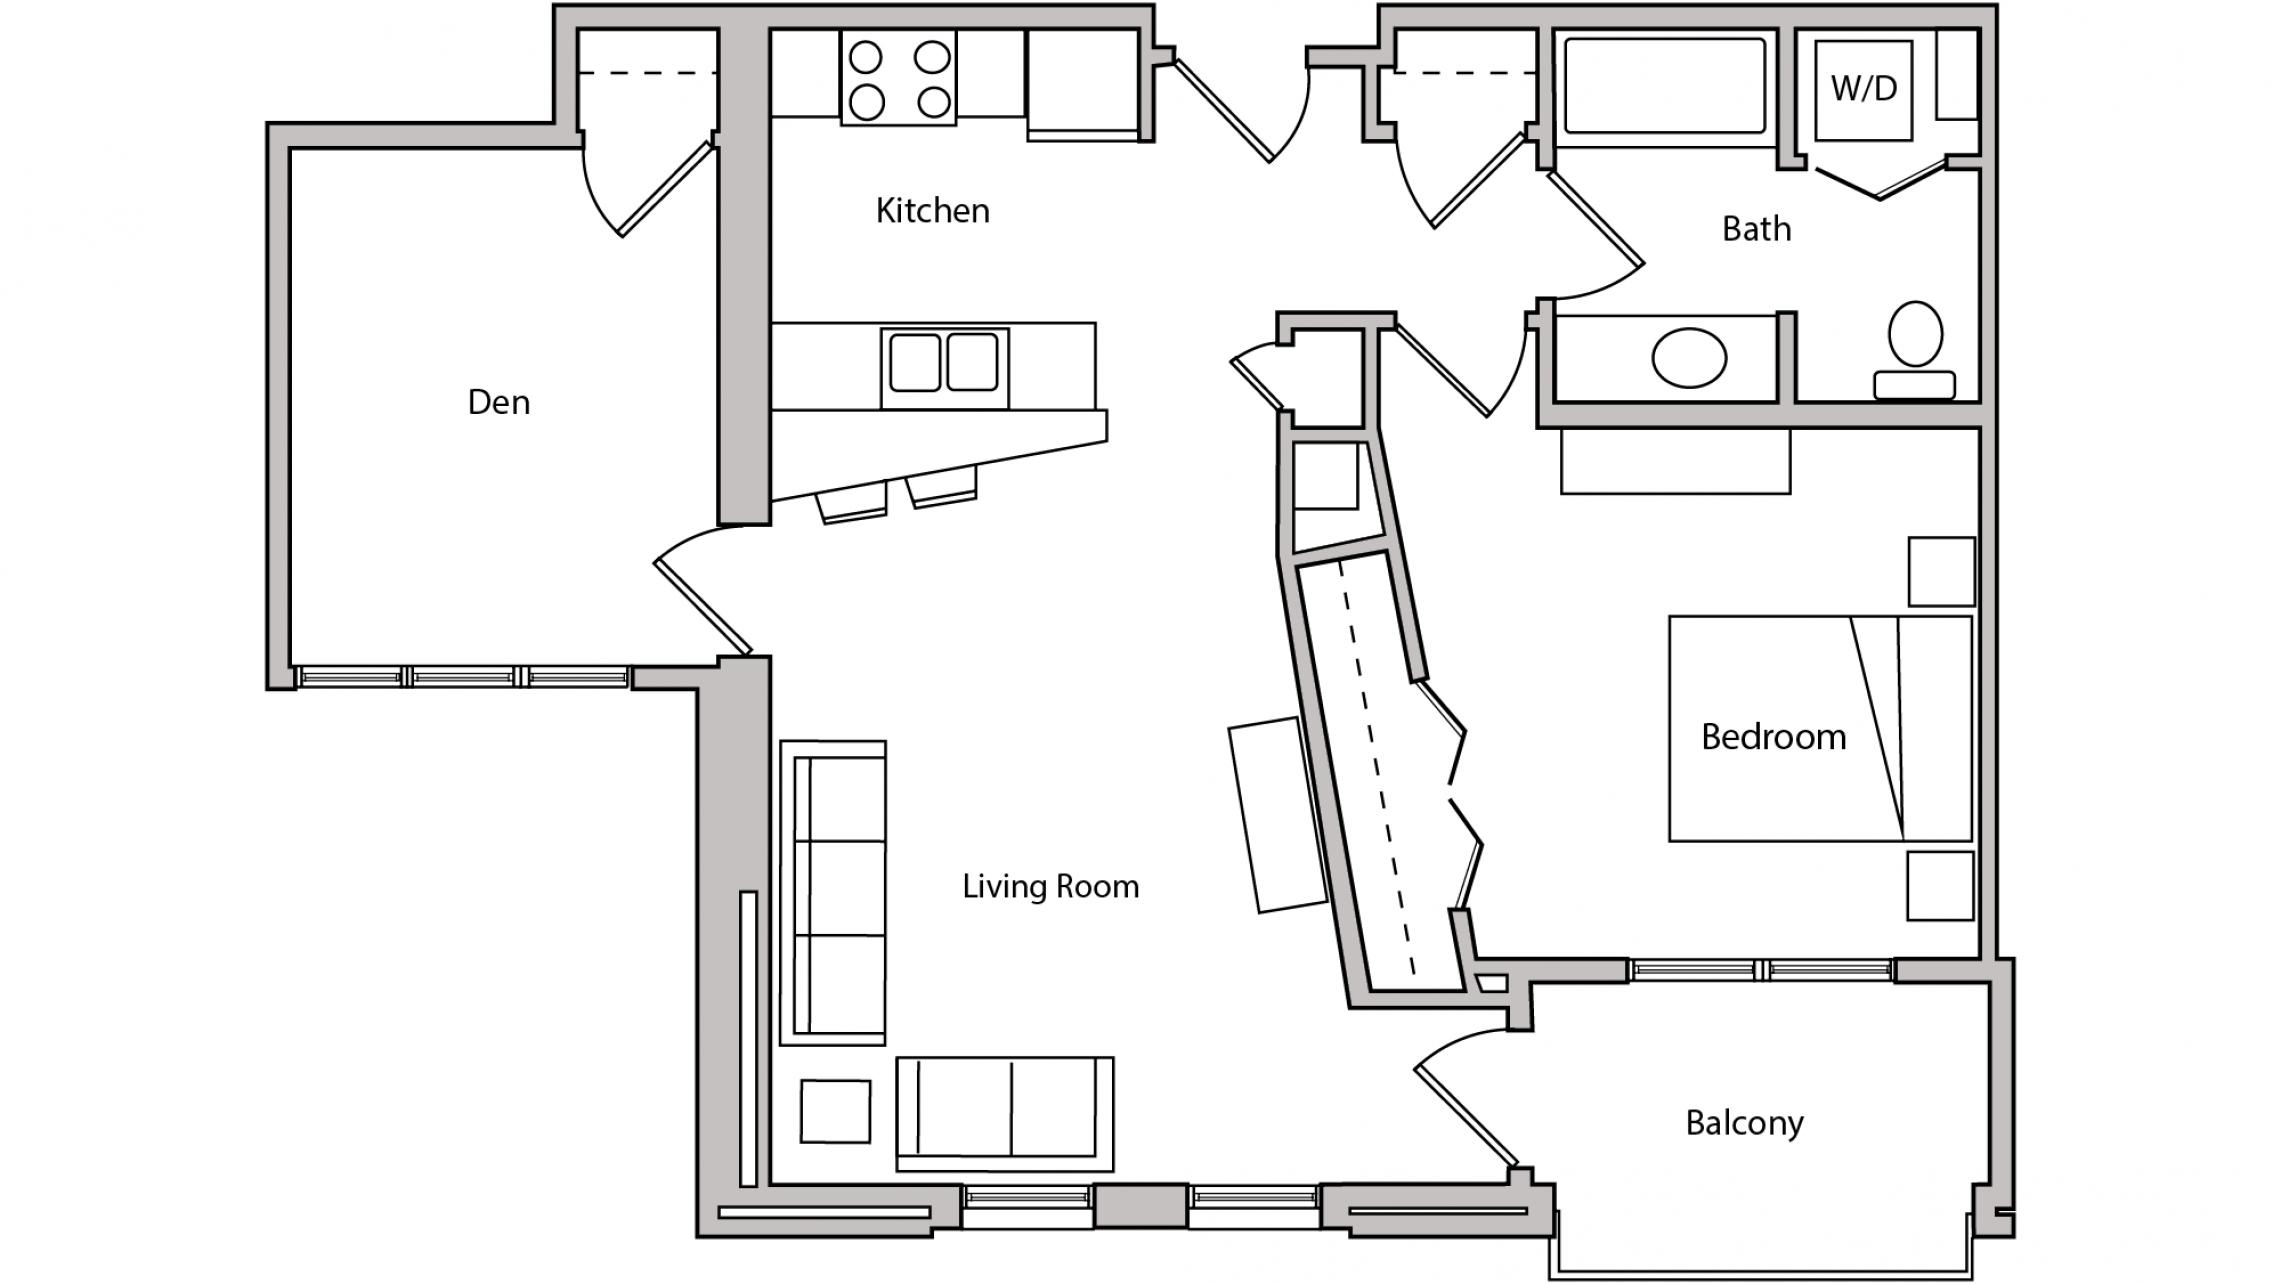 ULI The Depot 2-402 - One Bedroom Plus Den, One Bathroom